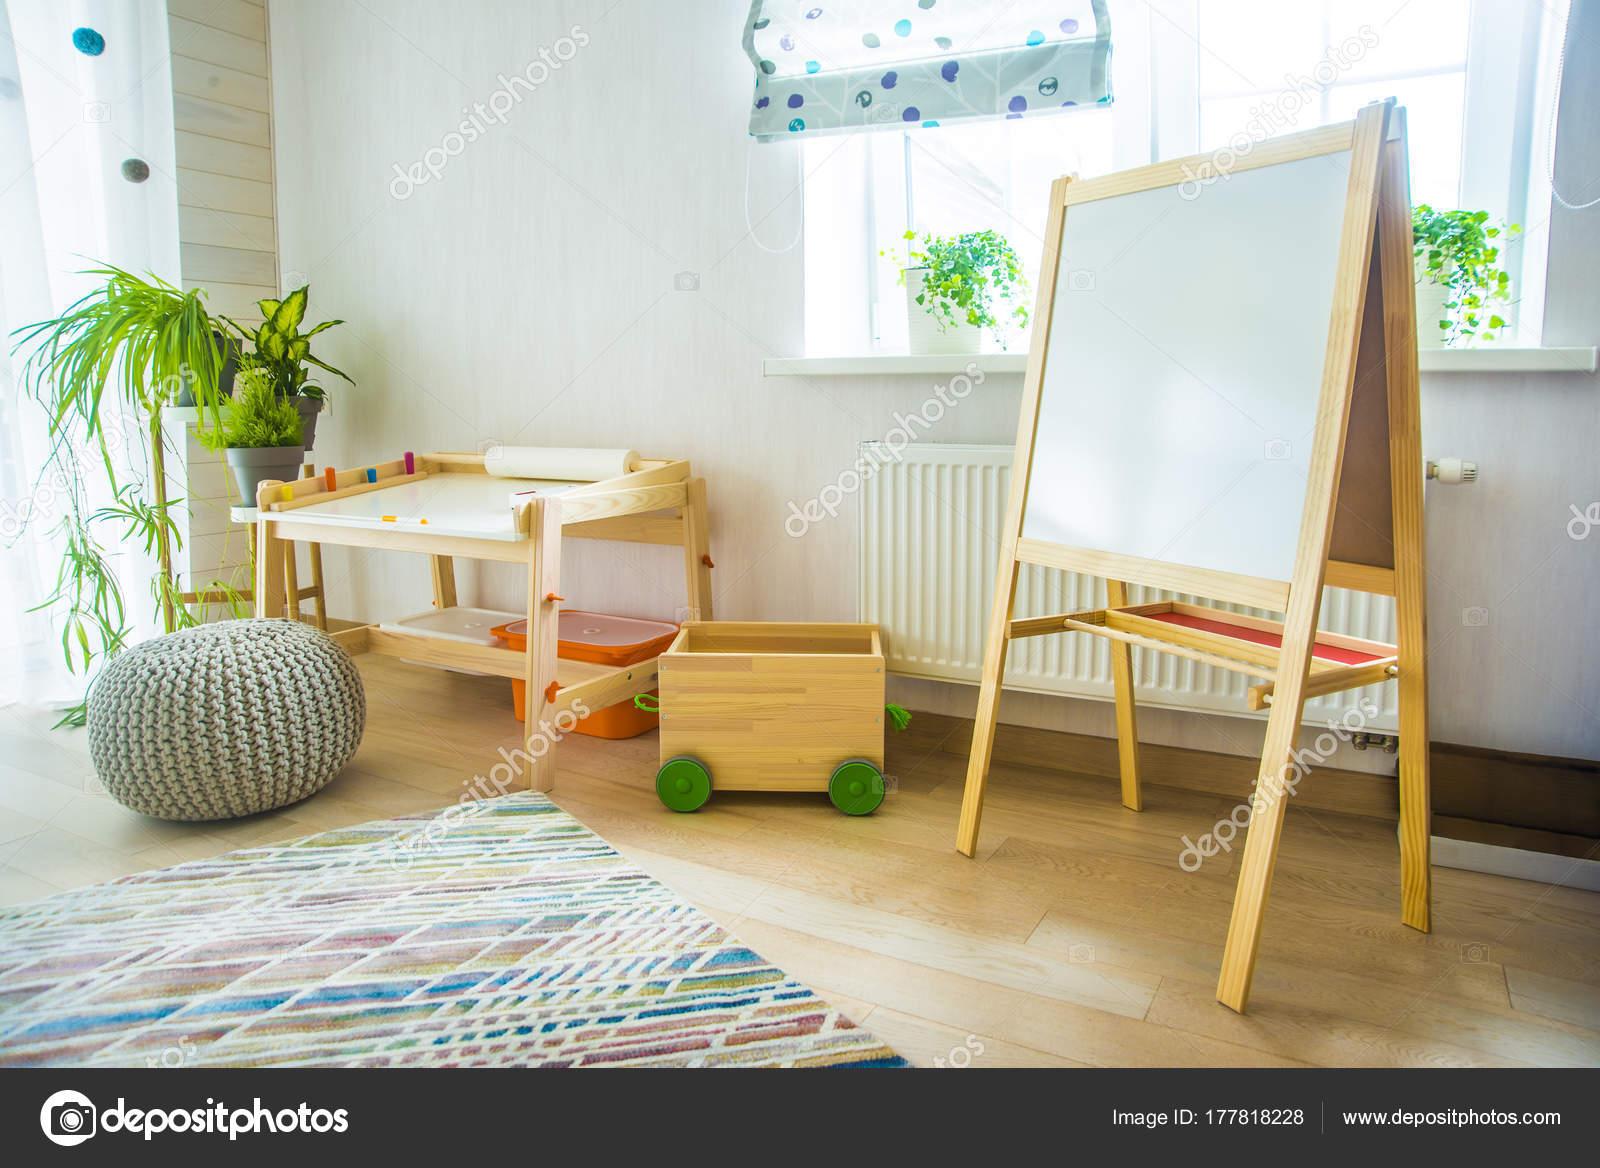 Camera asilo con sgabello tavolo pittura camera bambini mobili